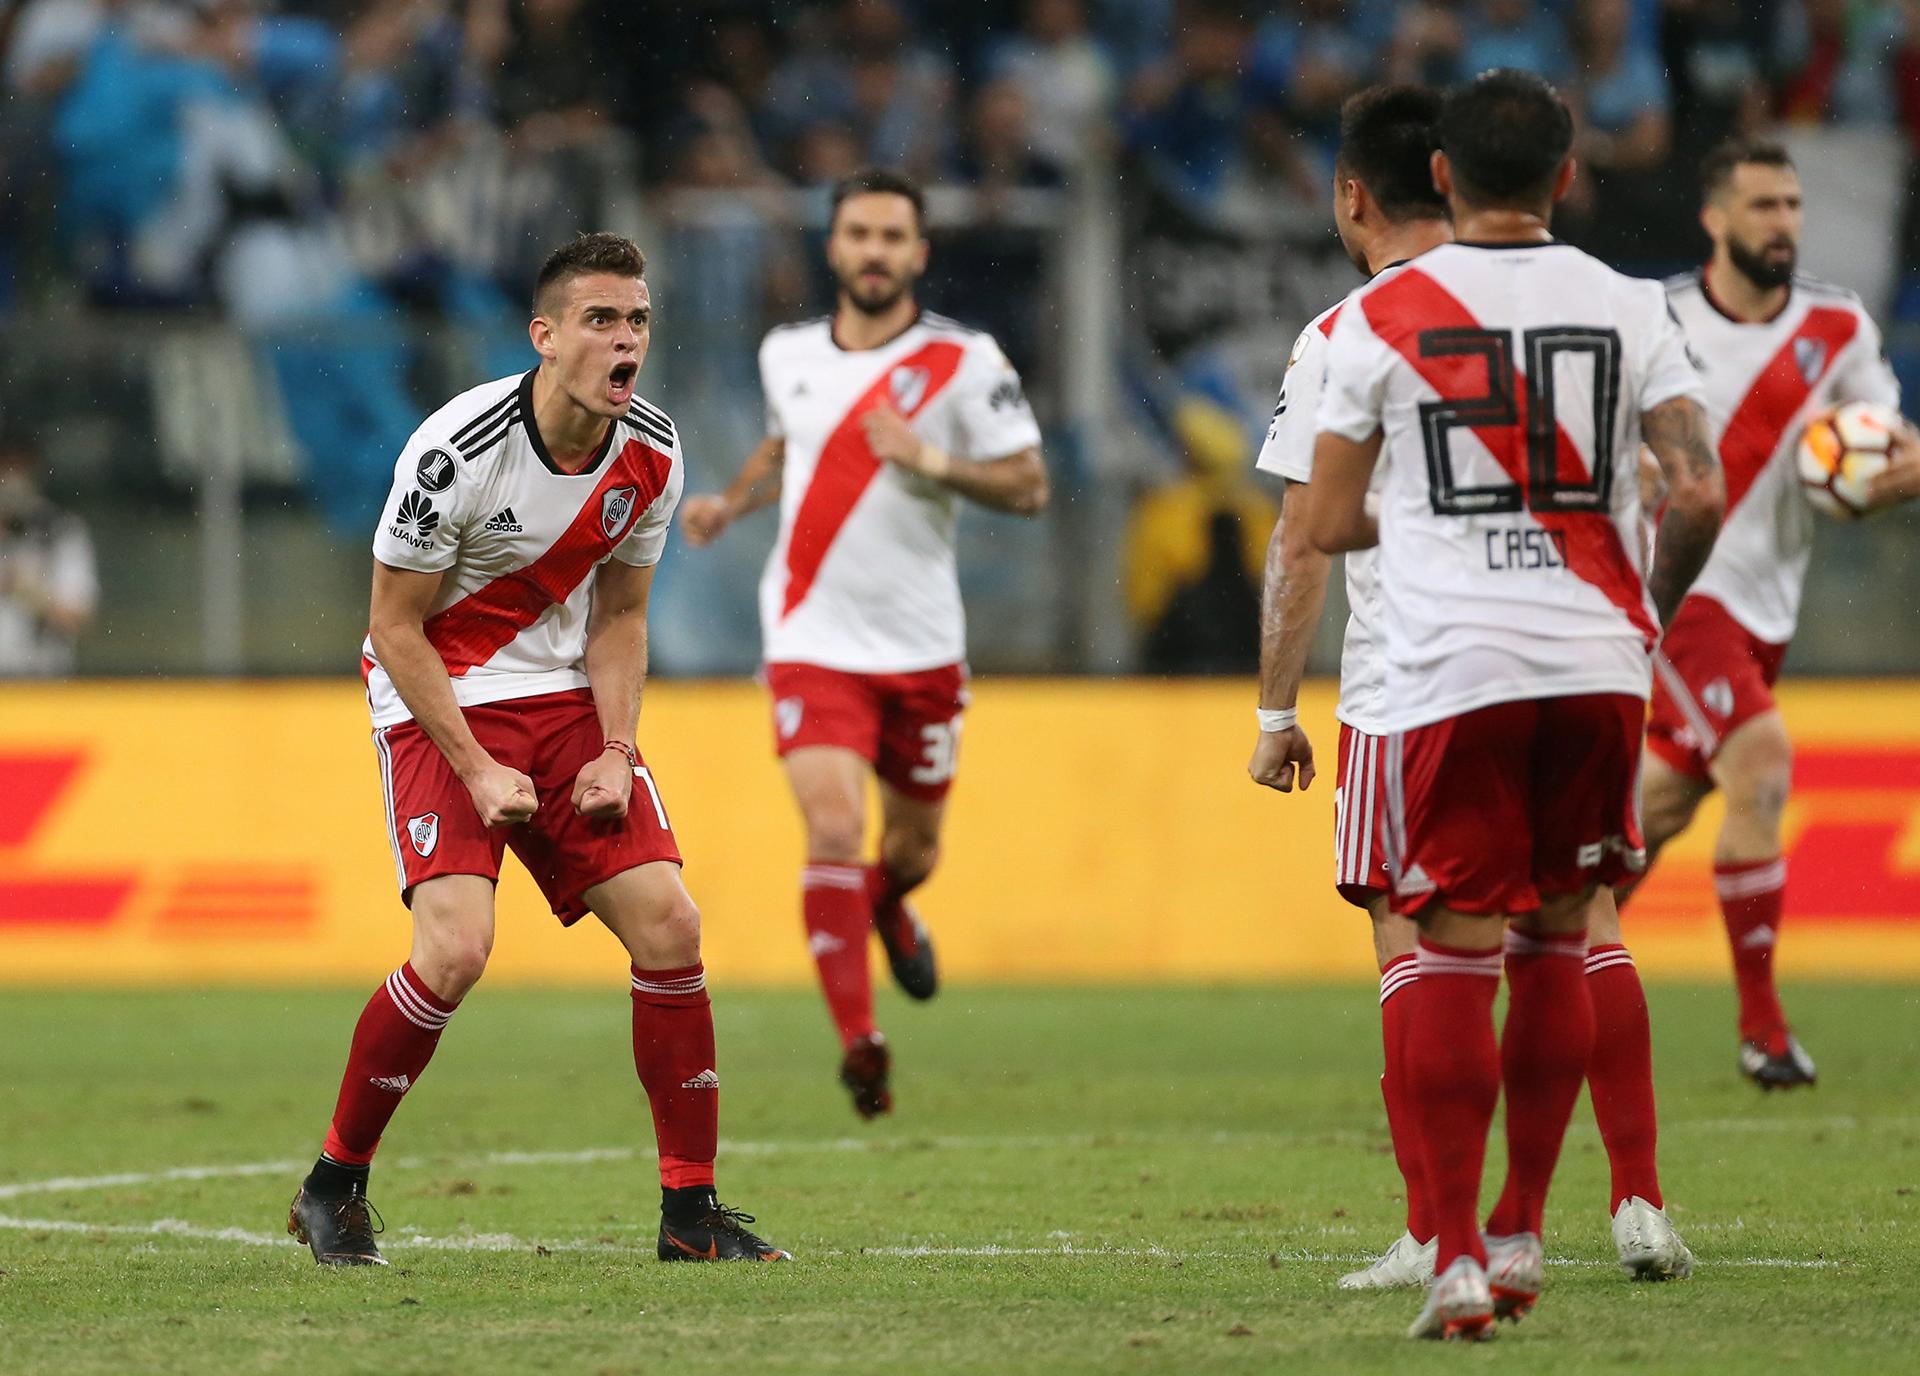 Santos Borré grita con el alma su gol para el empate parcialde River ante Gremio (REUTERS)